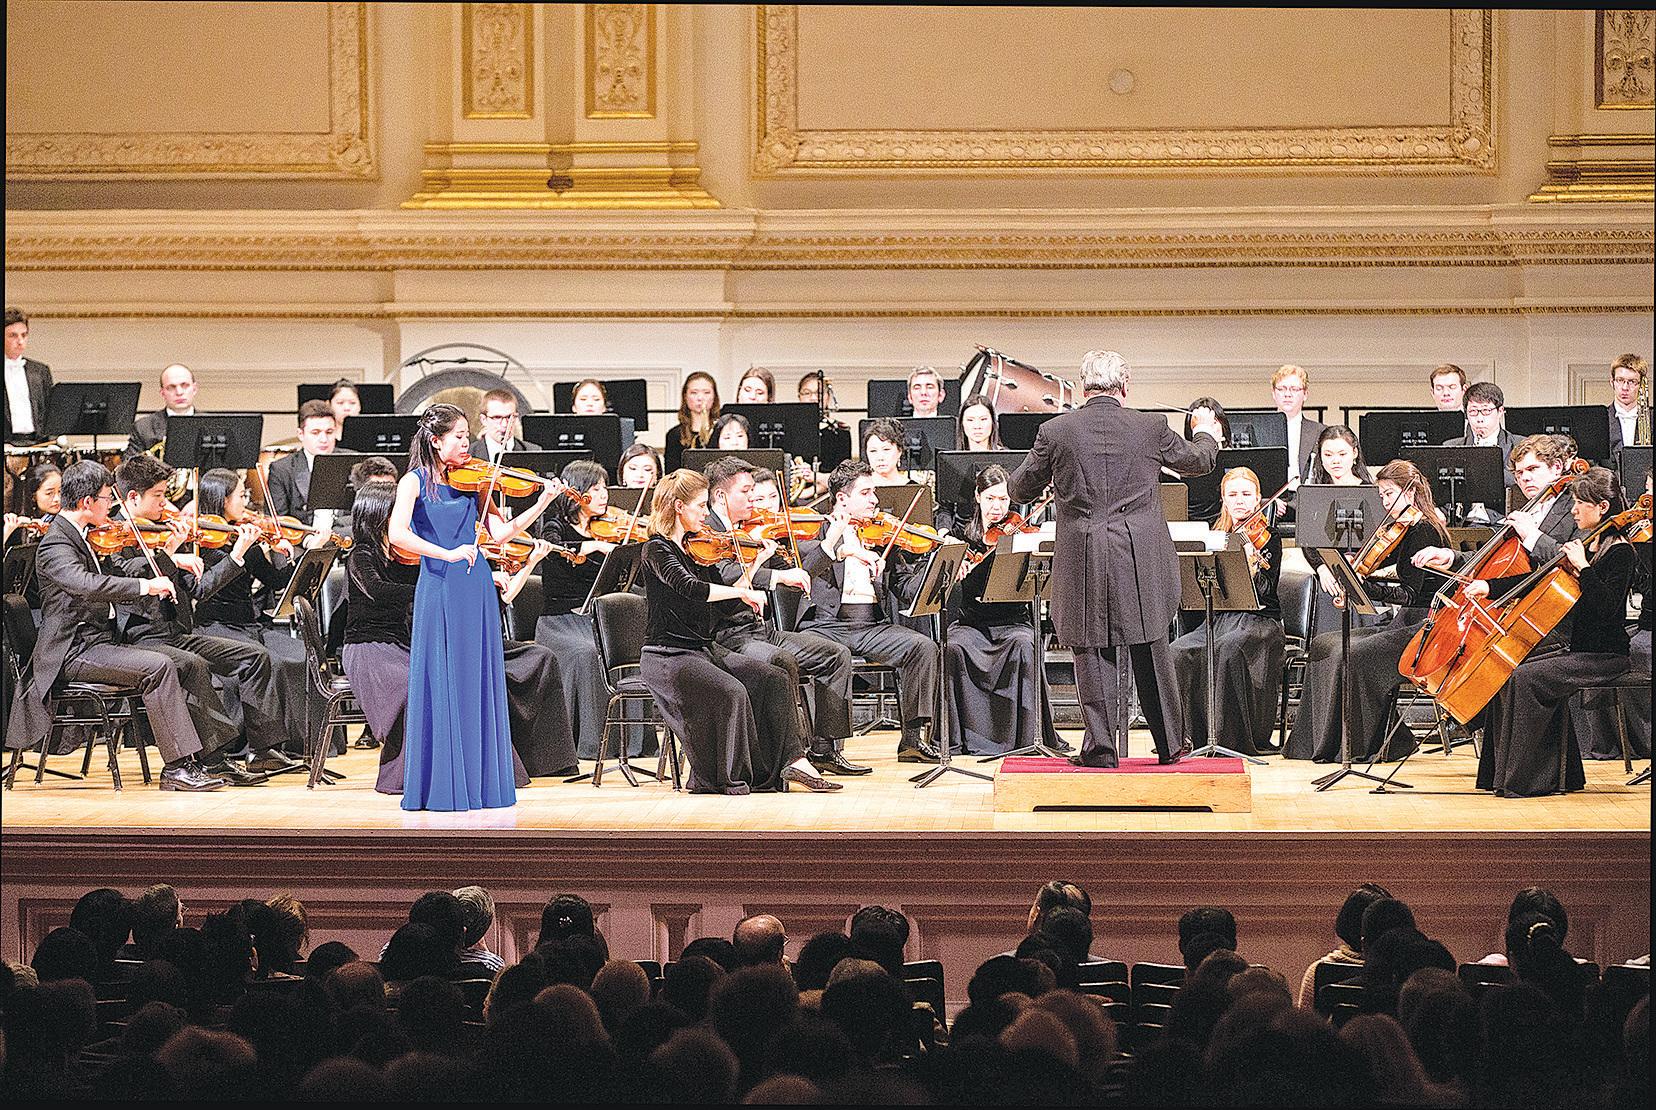 神韻交響樂團在紐約的卡內基音樂廳拉開2016年北美巡演序幕。(戴兵/大紀元)